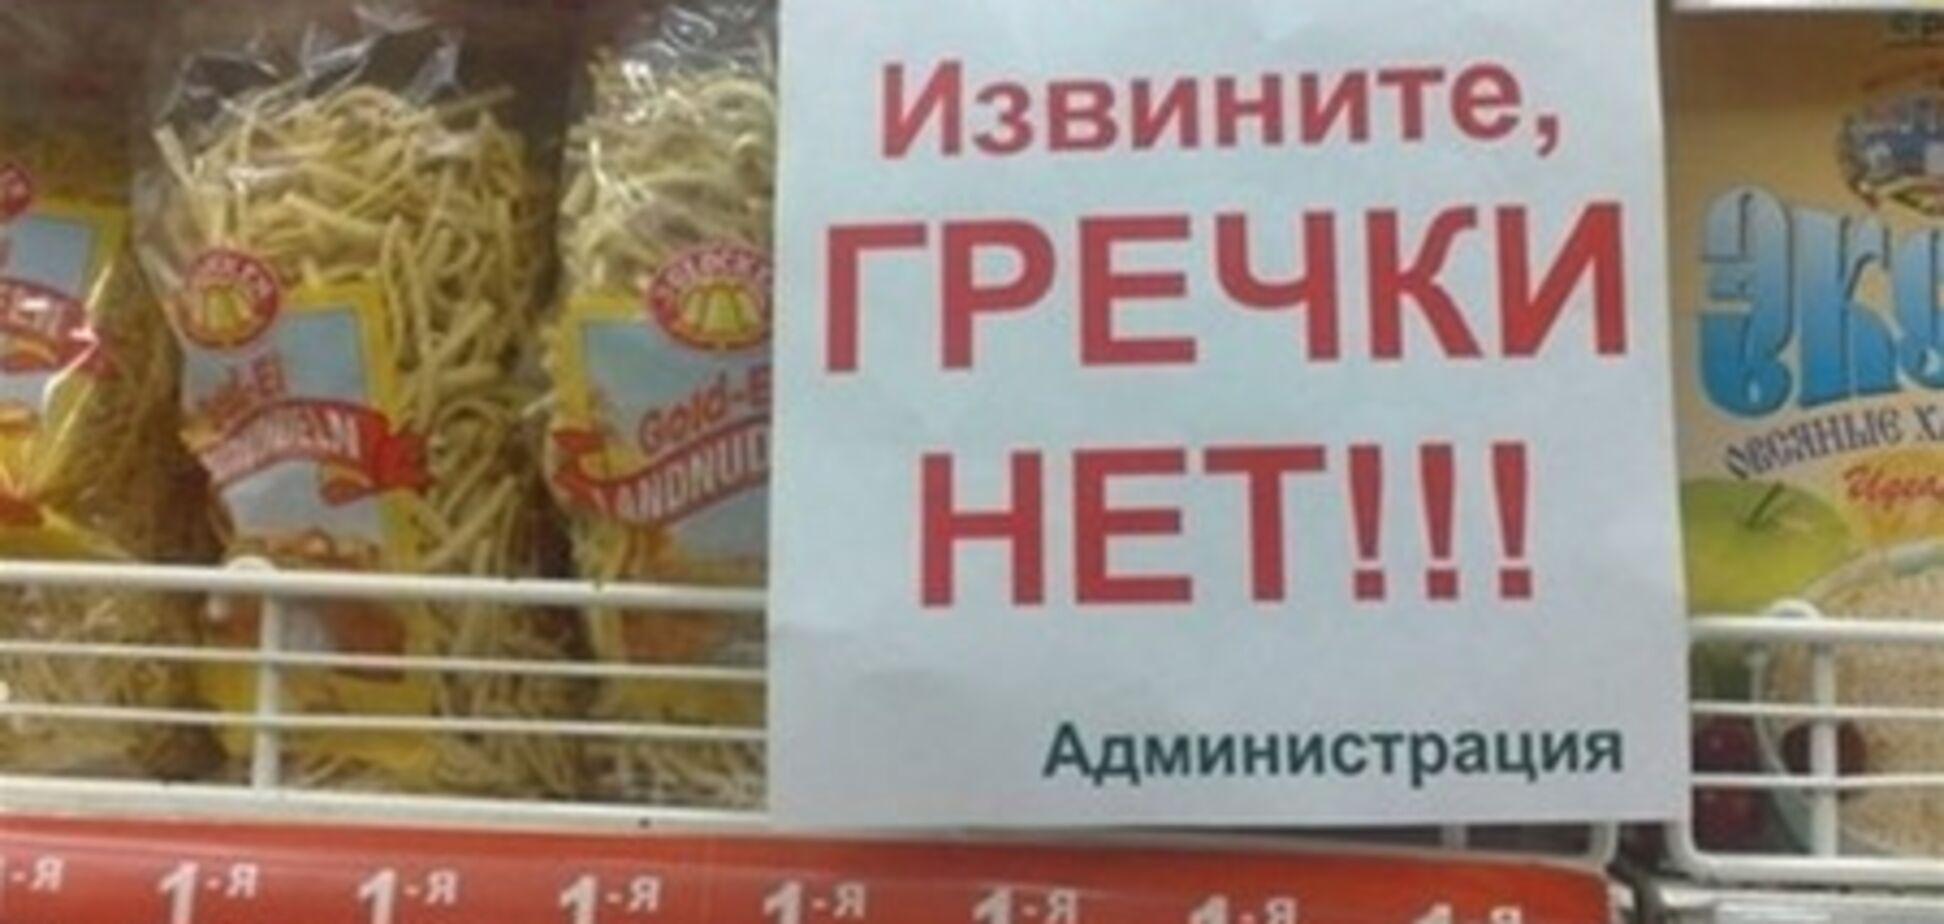 Лютневі метаморфози: Янукович став Ющенко, Поживанов - майже австрійцем, гречка - дефіцитом